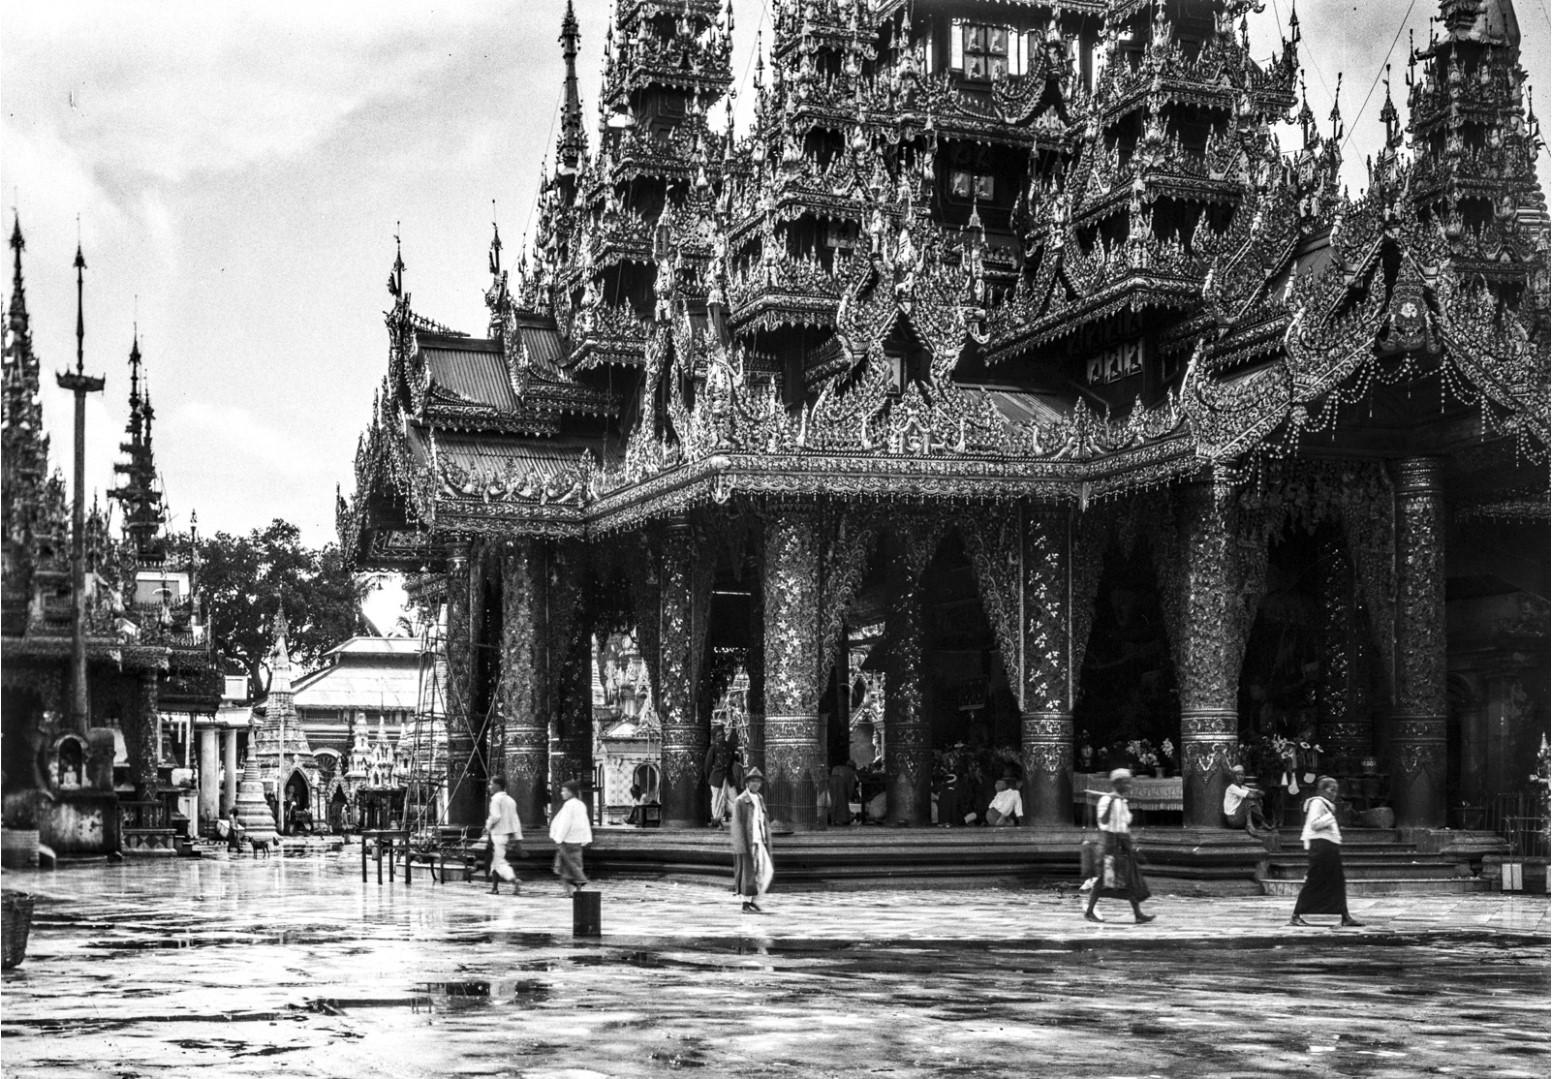 838. Рангун. Пагода Шведагон. Северный храм